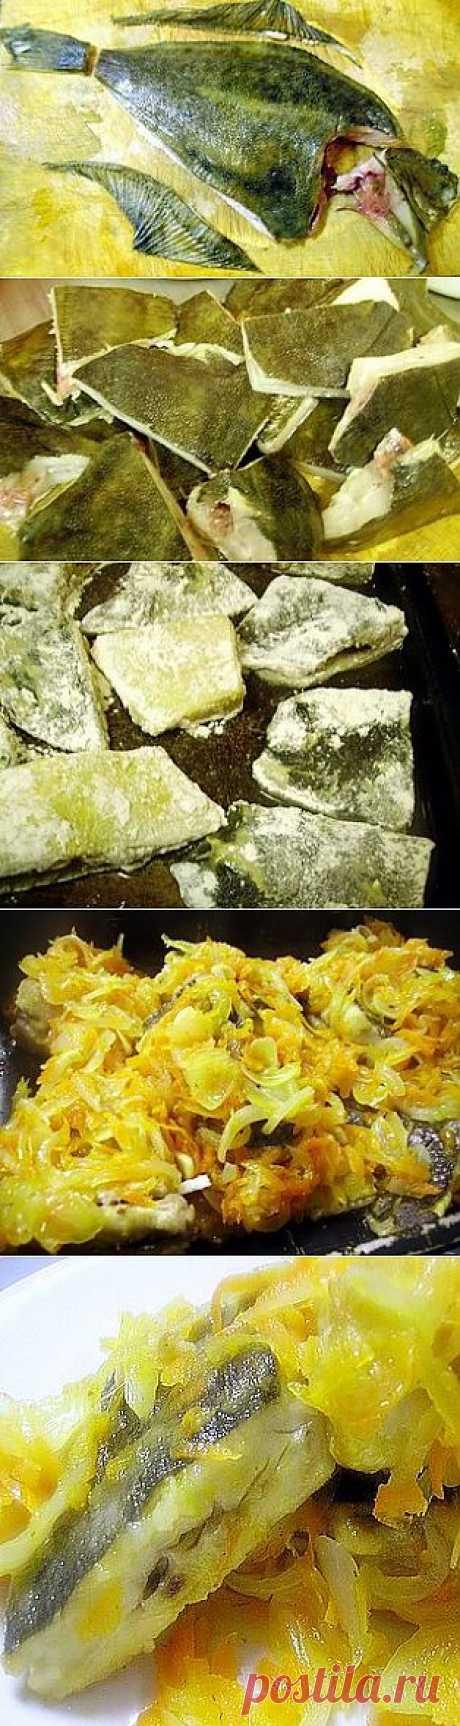 Камбала жареная с горчицей и овощами